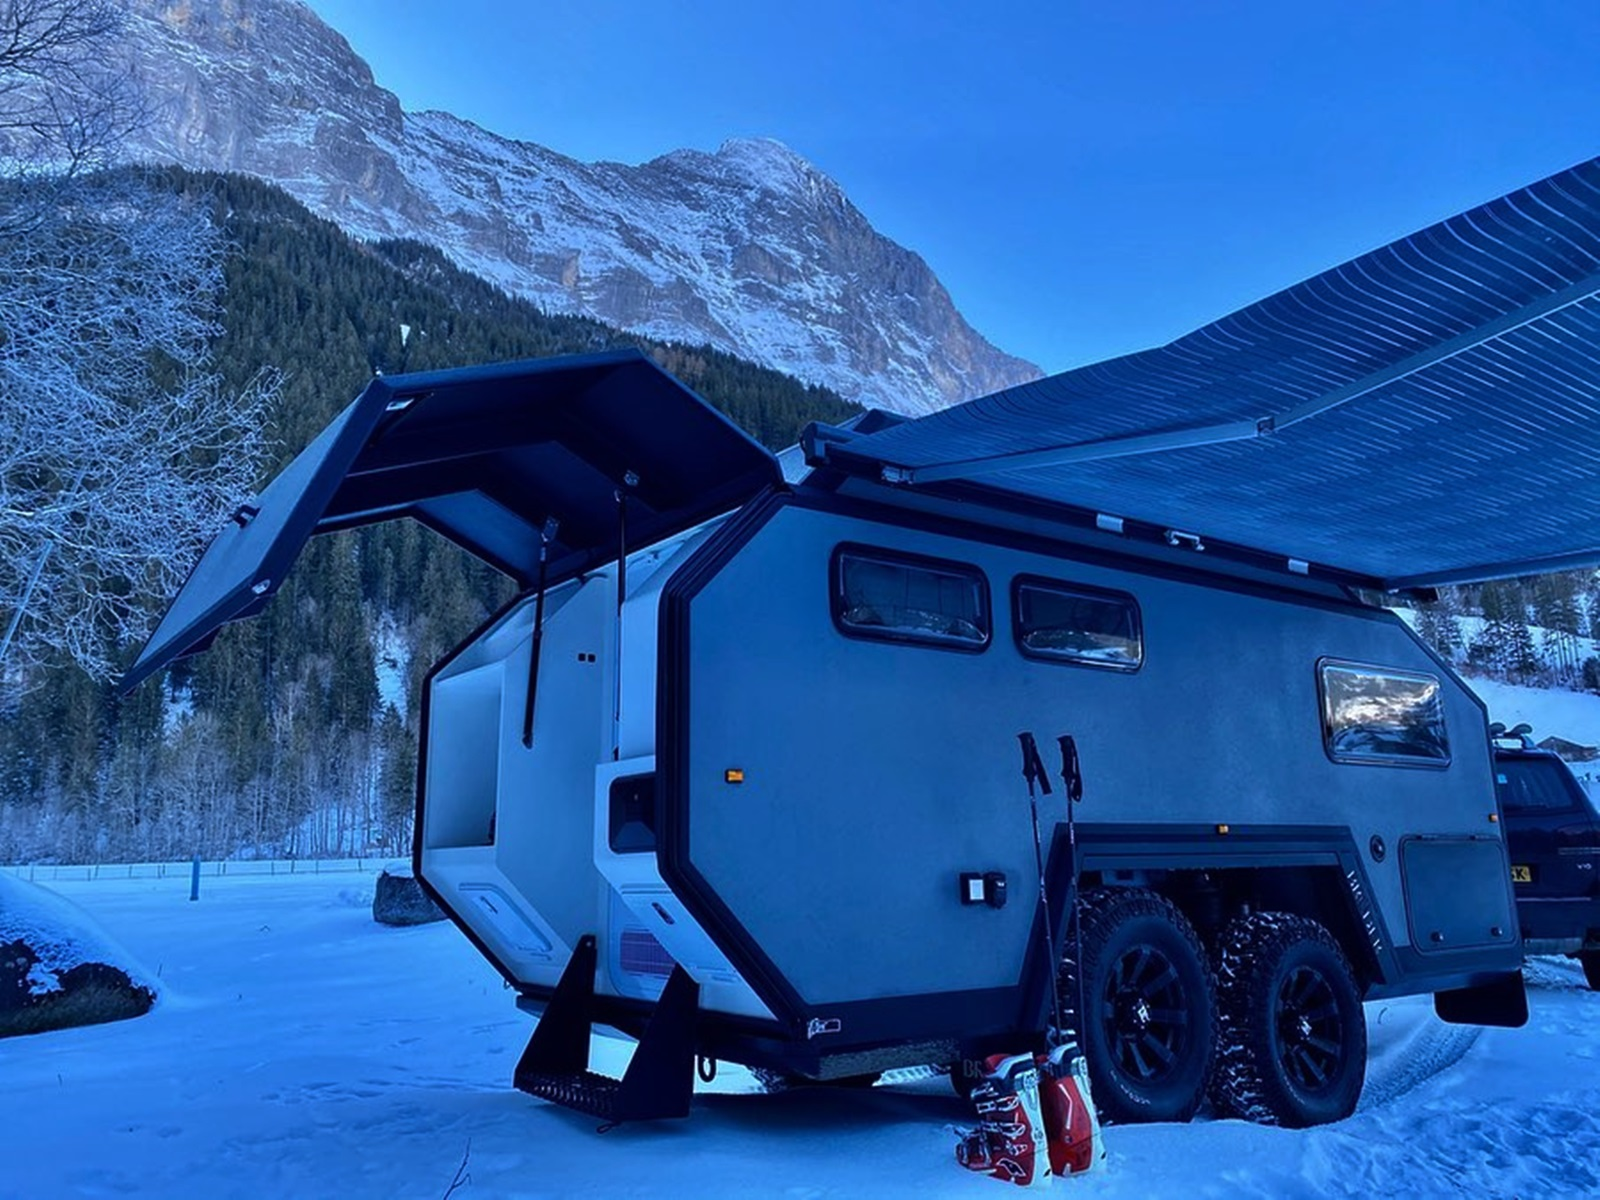 Bruder Exp 6 Gt Expedition Trailer 14